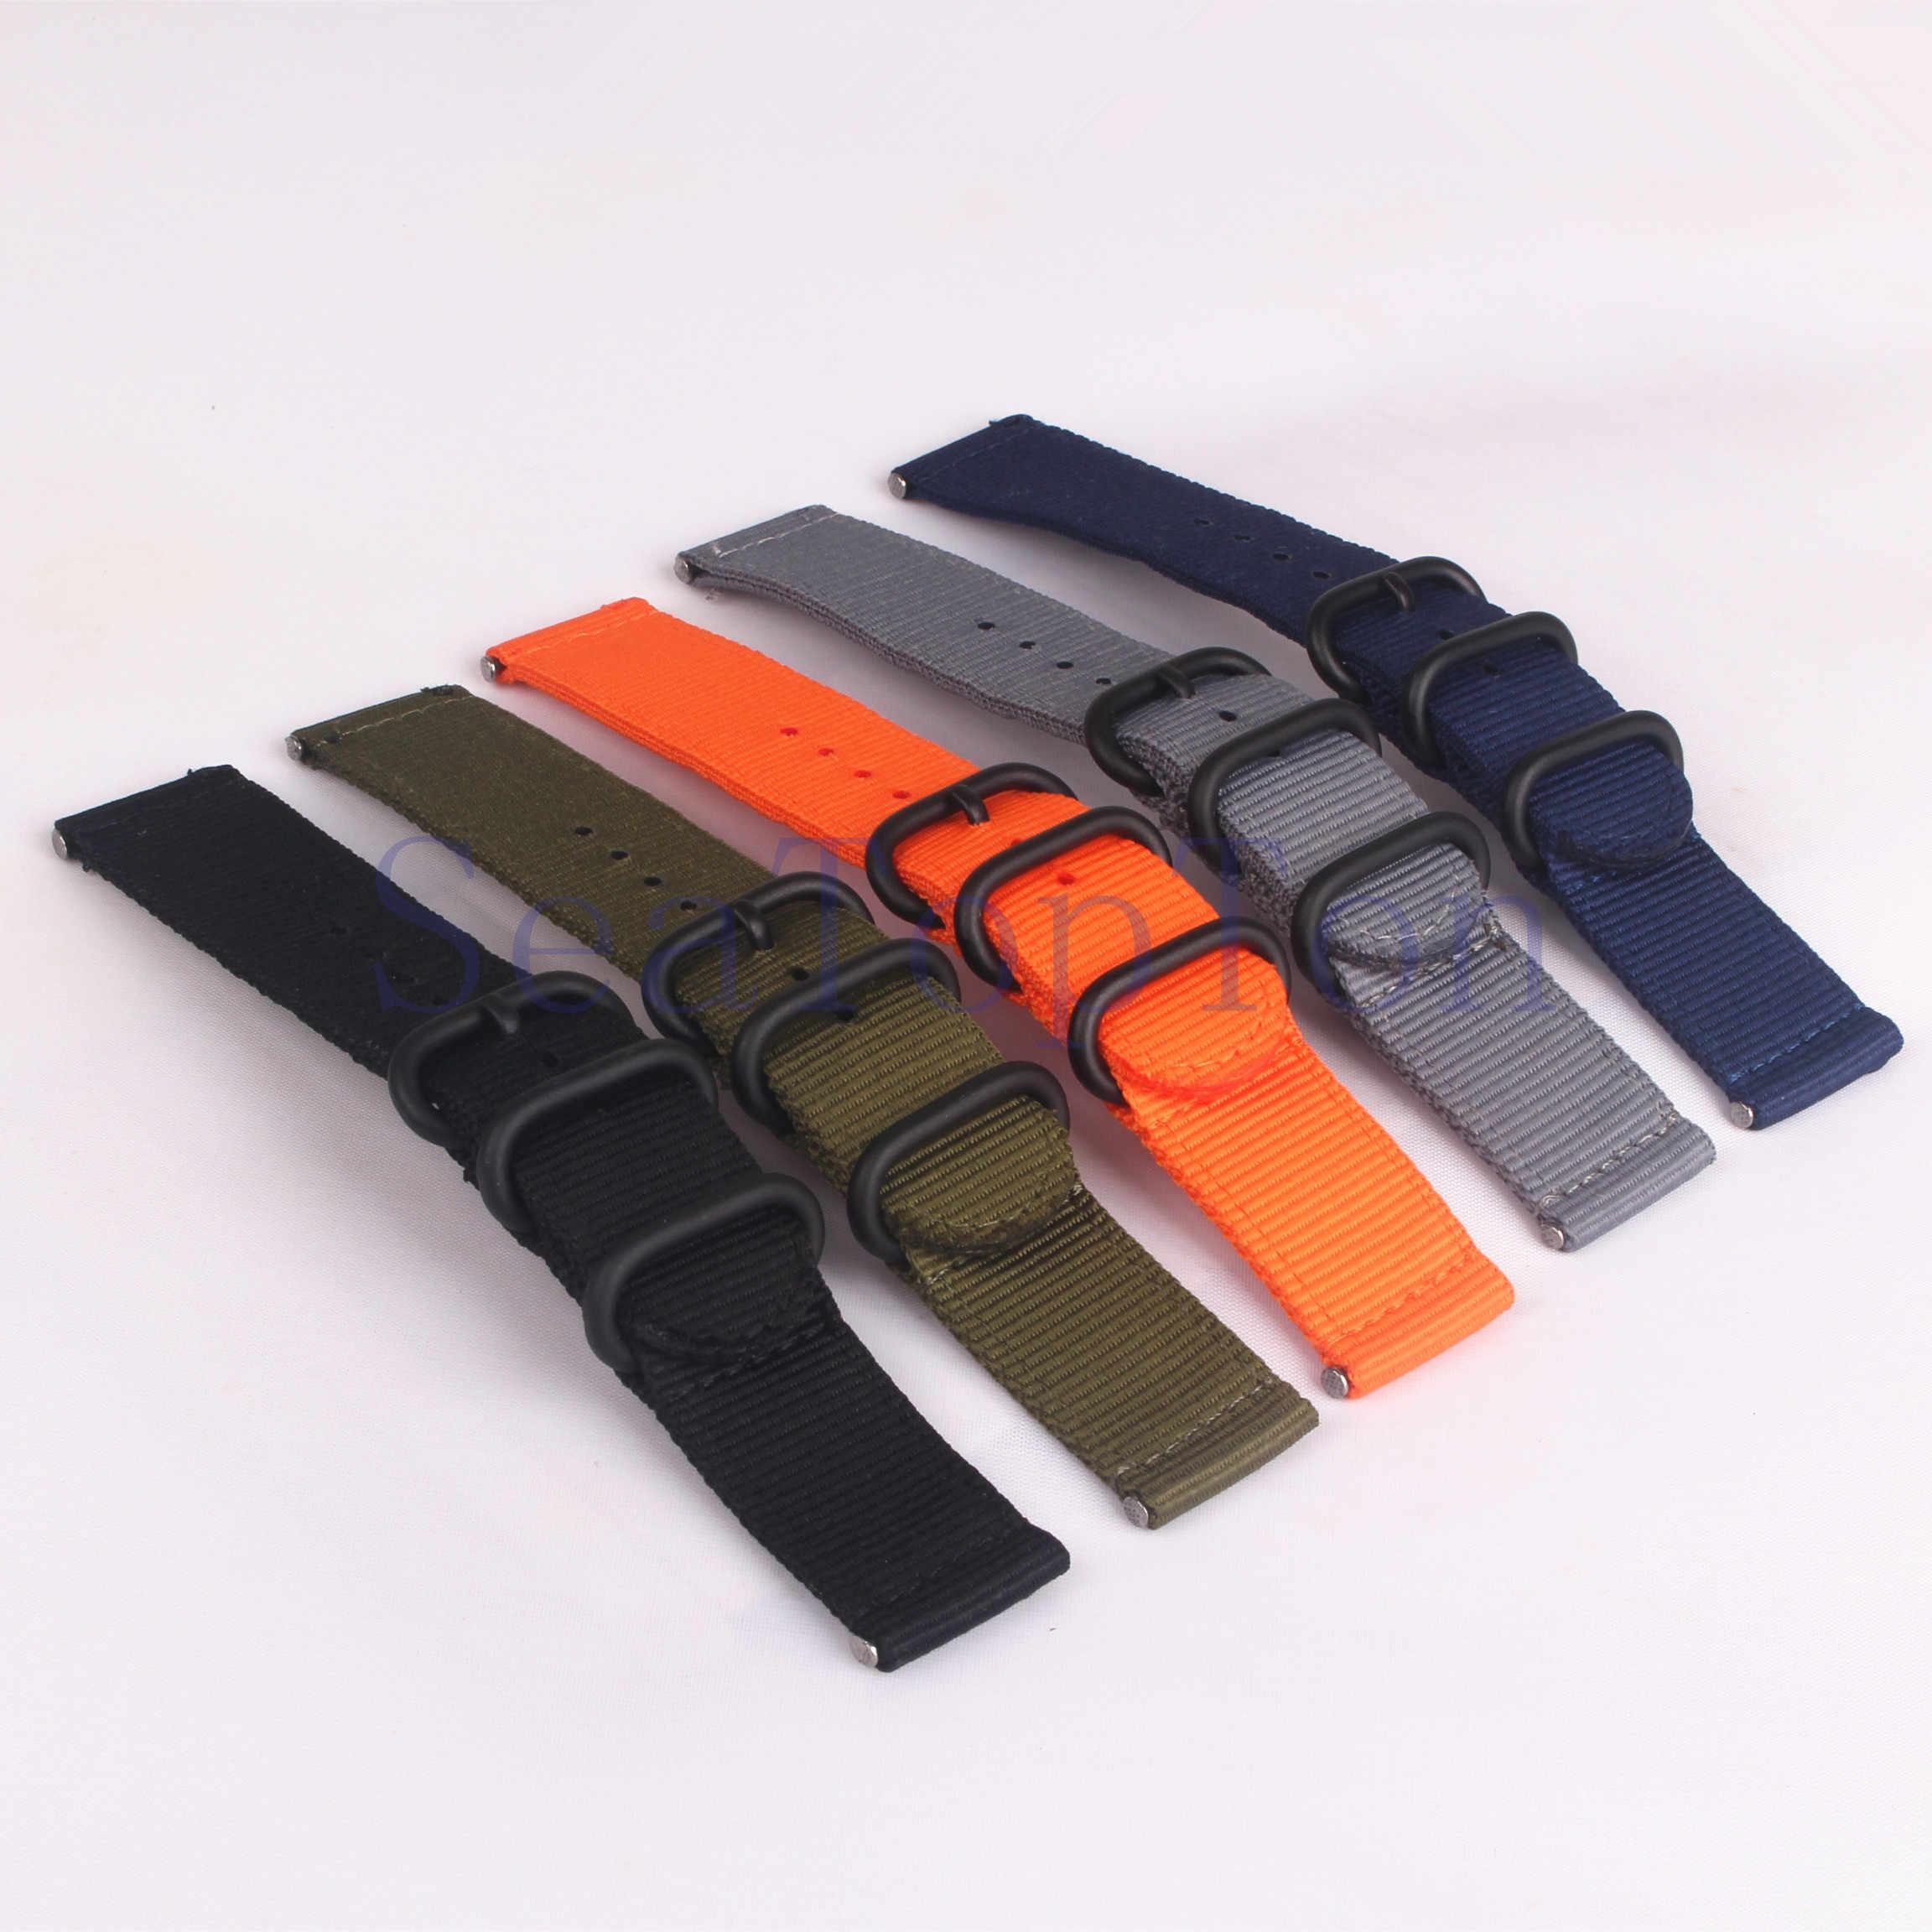 Mua 2 Tặng 10%) phát hành nhanh thanh lò xo đen Khóa Vòng 22mm Watchbands Nam Nữ Đồng Hồ Dây Đeo Đồng Hồ Đeo Tay Dây Khóa